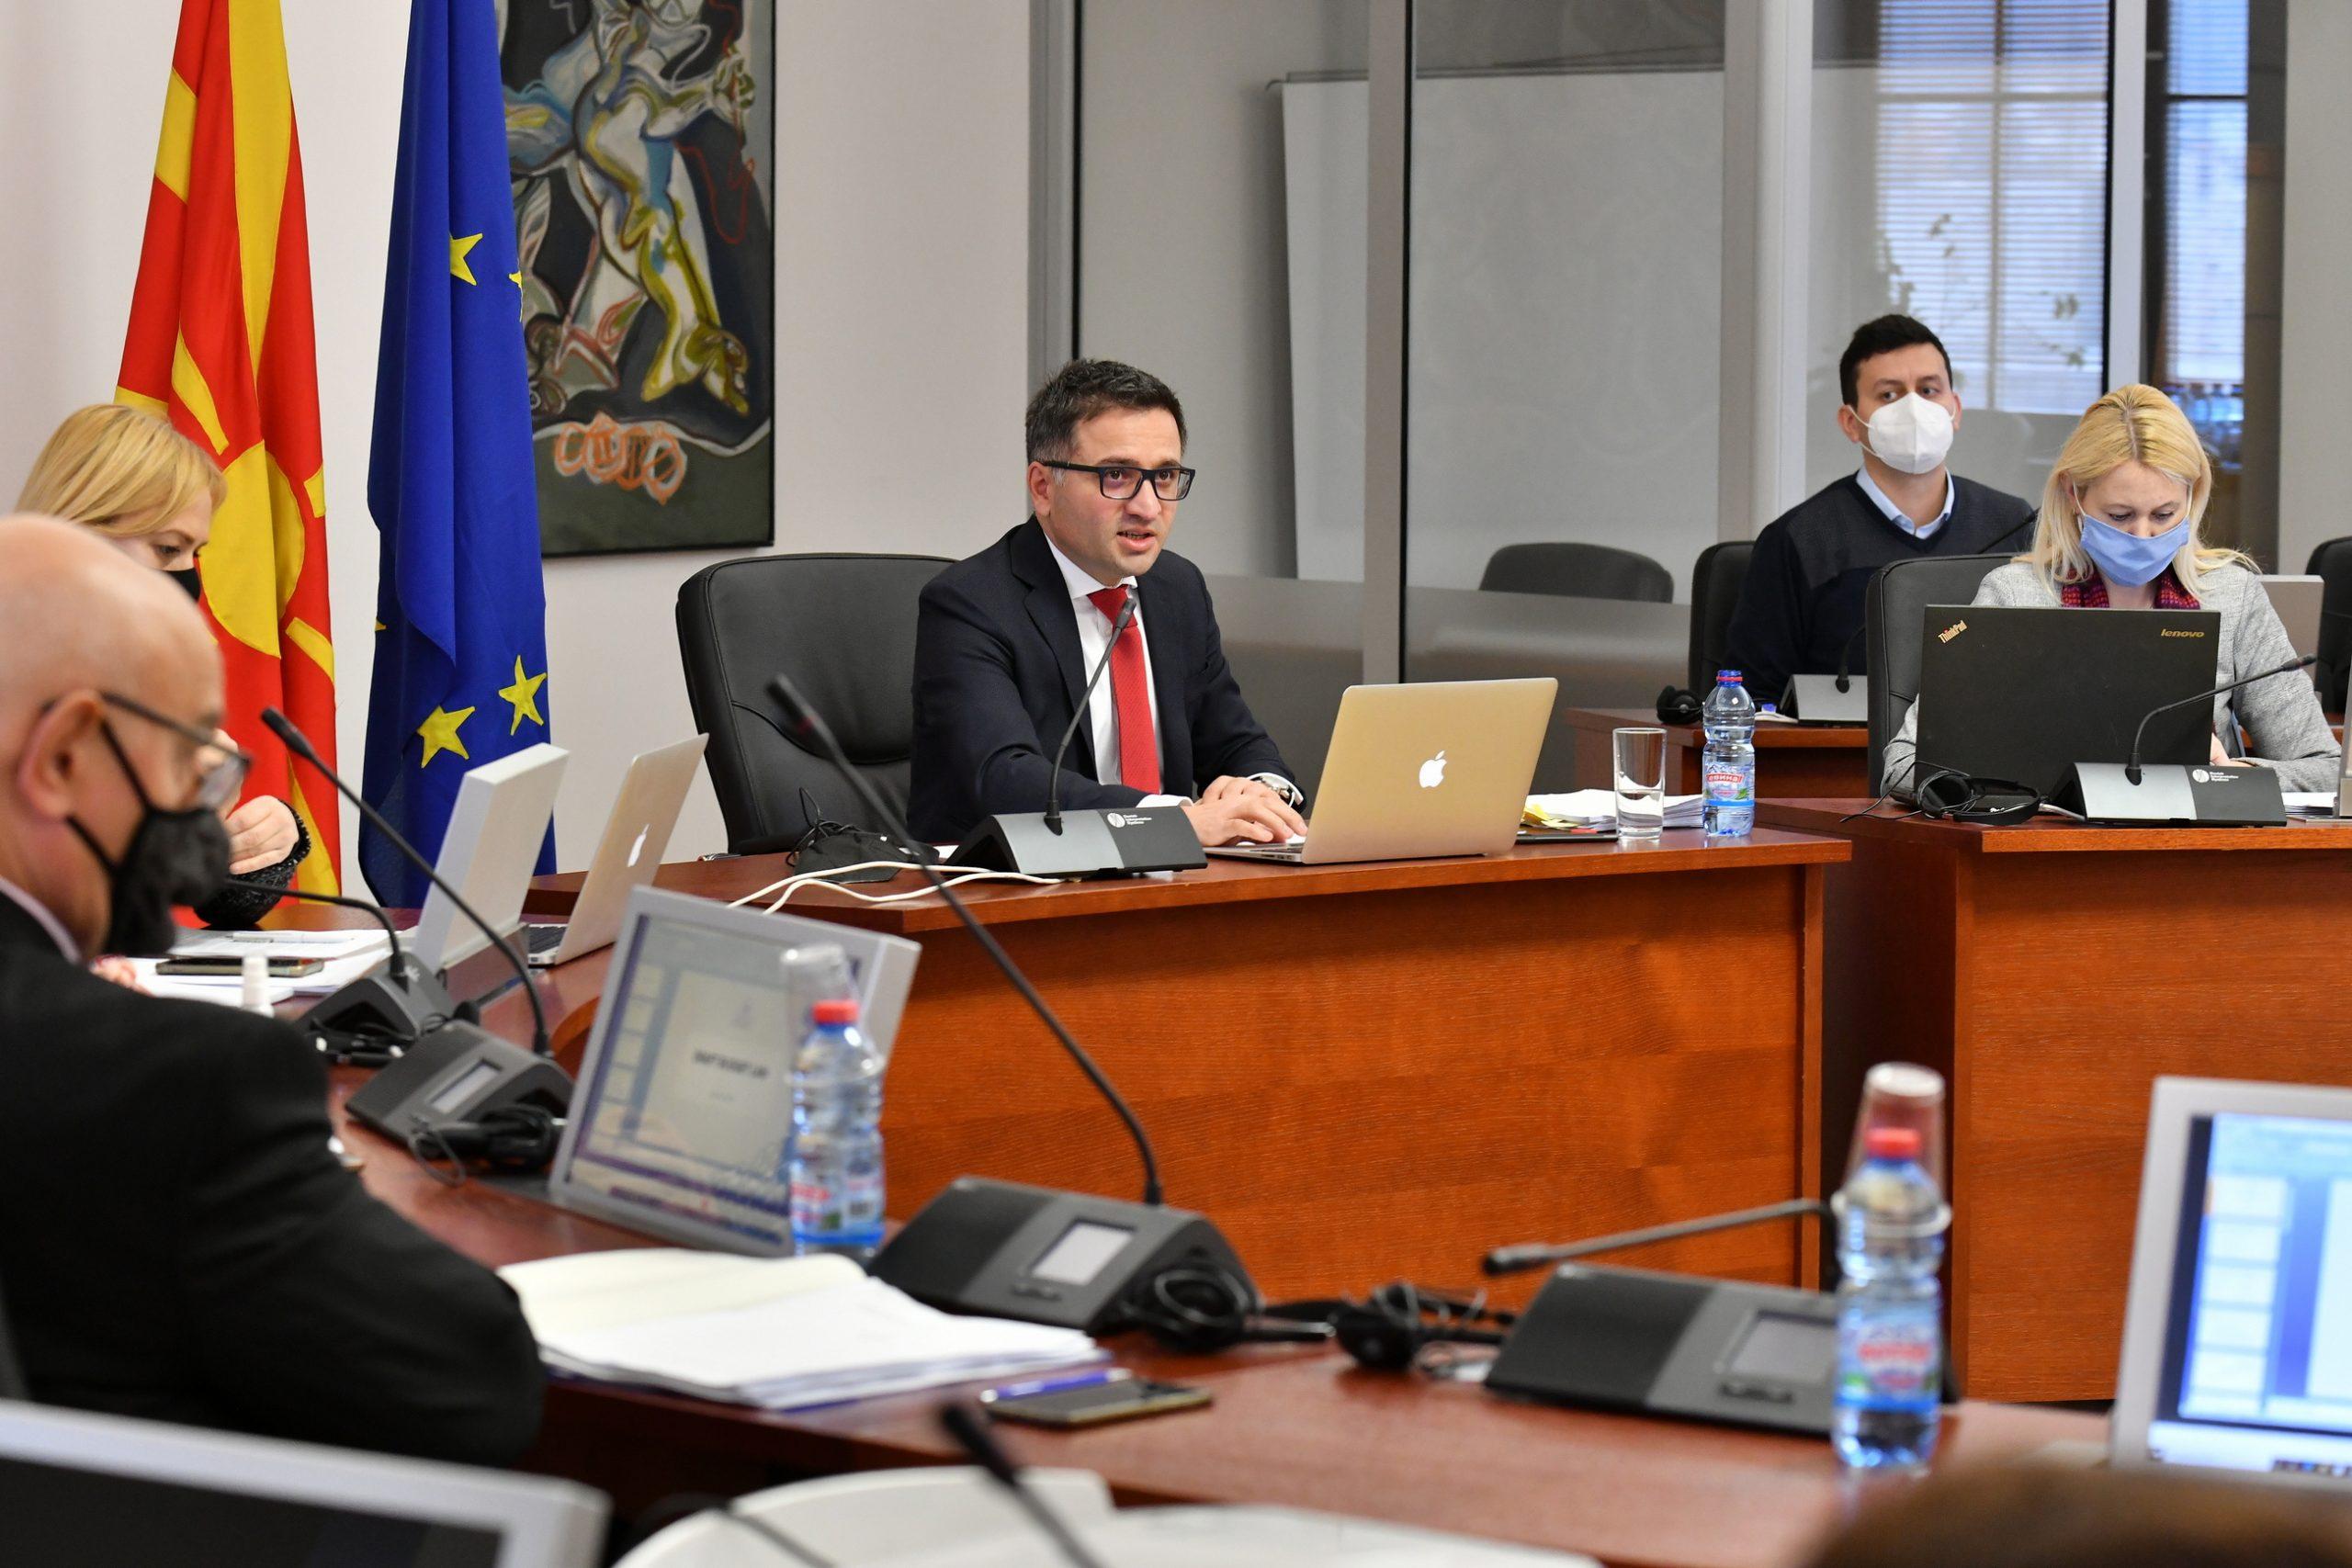 Debat Publik mbi Ligjin për buxhet: Vendosen Rregullat Fiskale dhe Këshill Fiskal për kontroll më të madh të financave publike